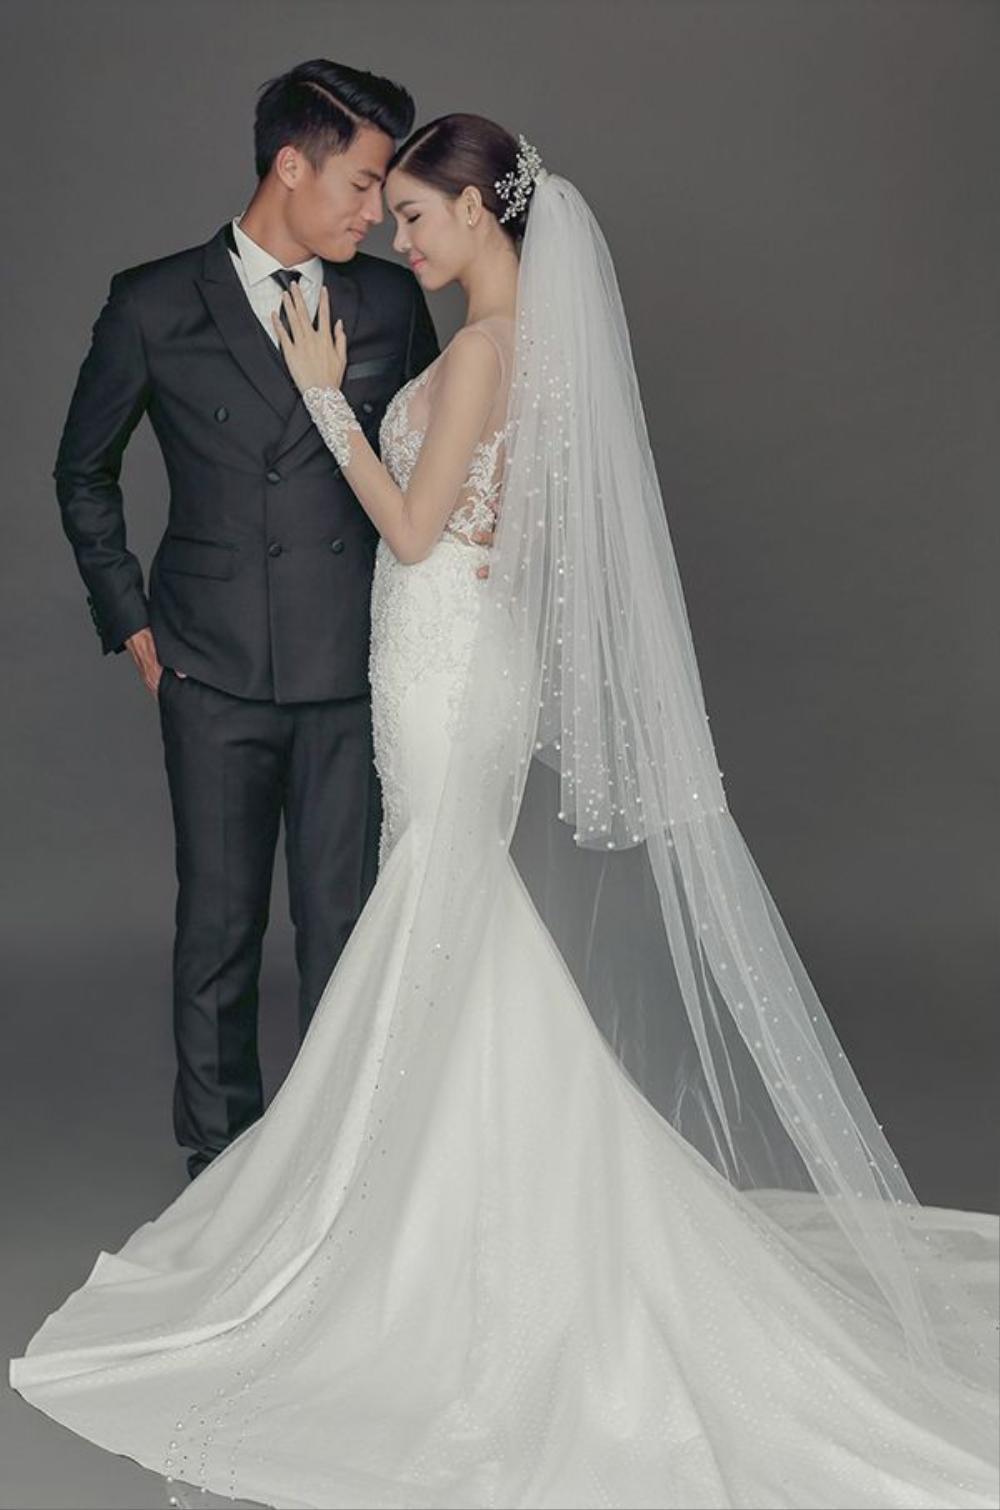 Ảnh cưới ngọt ngào của cặp đôi.